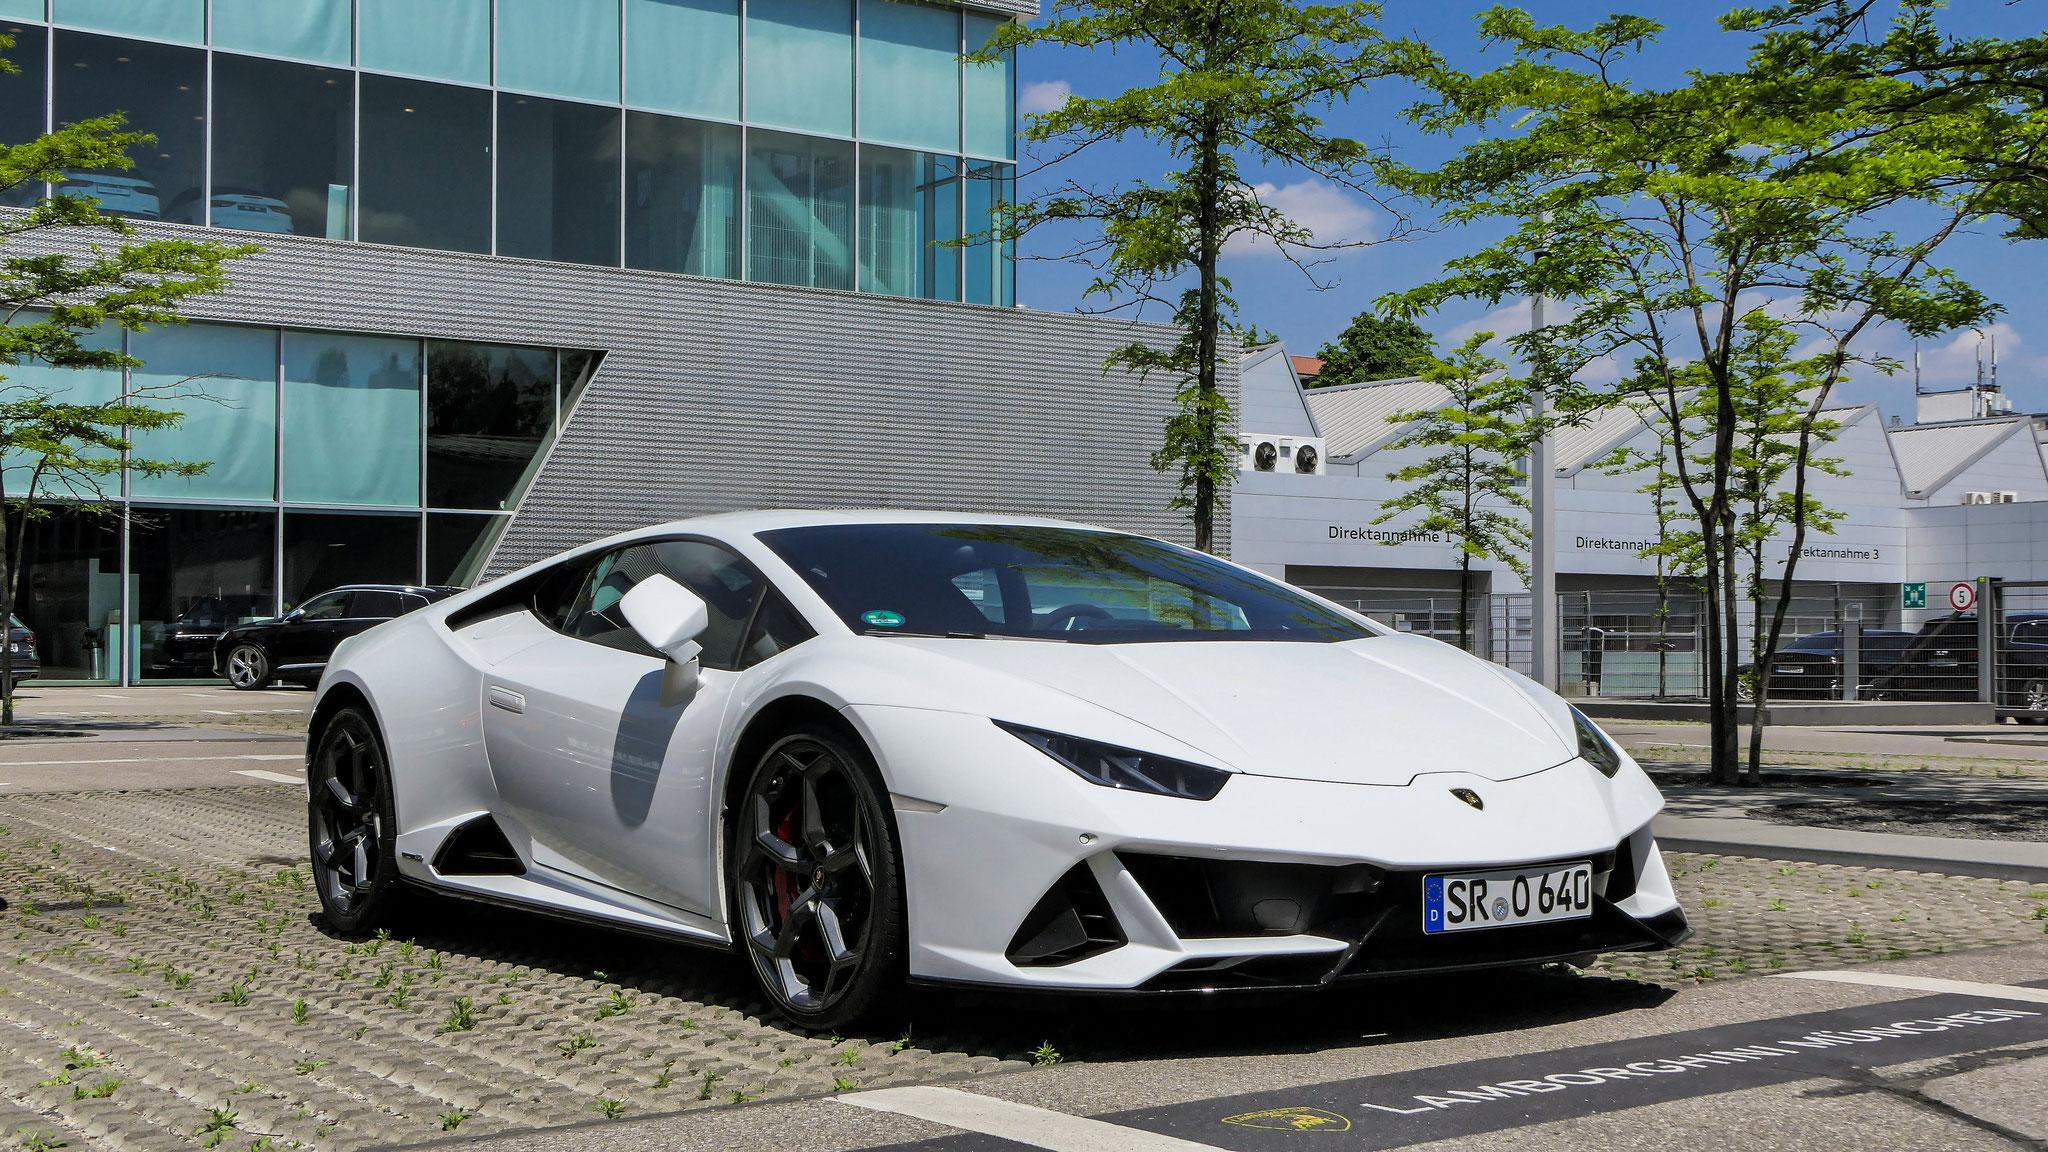 Lamborghini Huracan Evo - SR-O-640